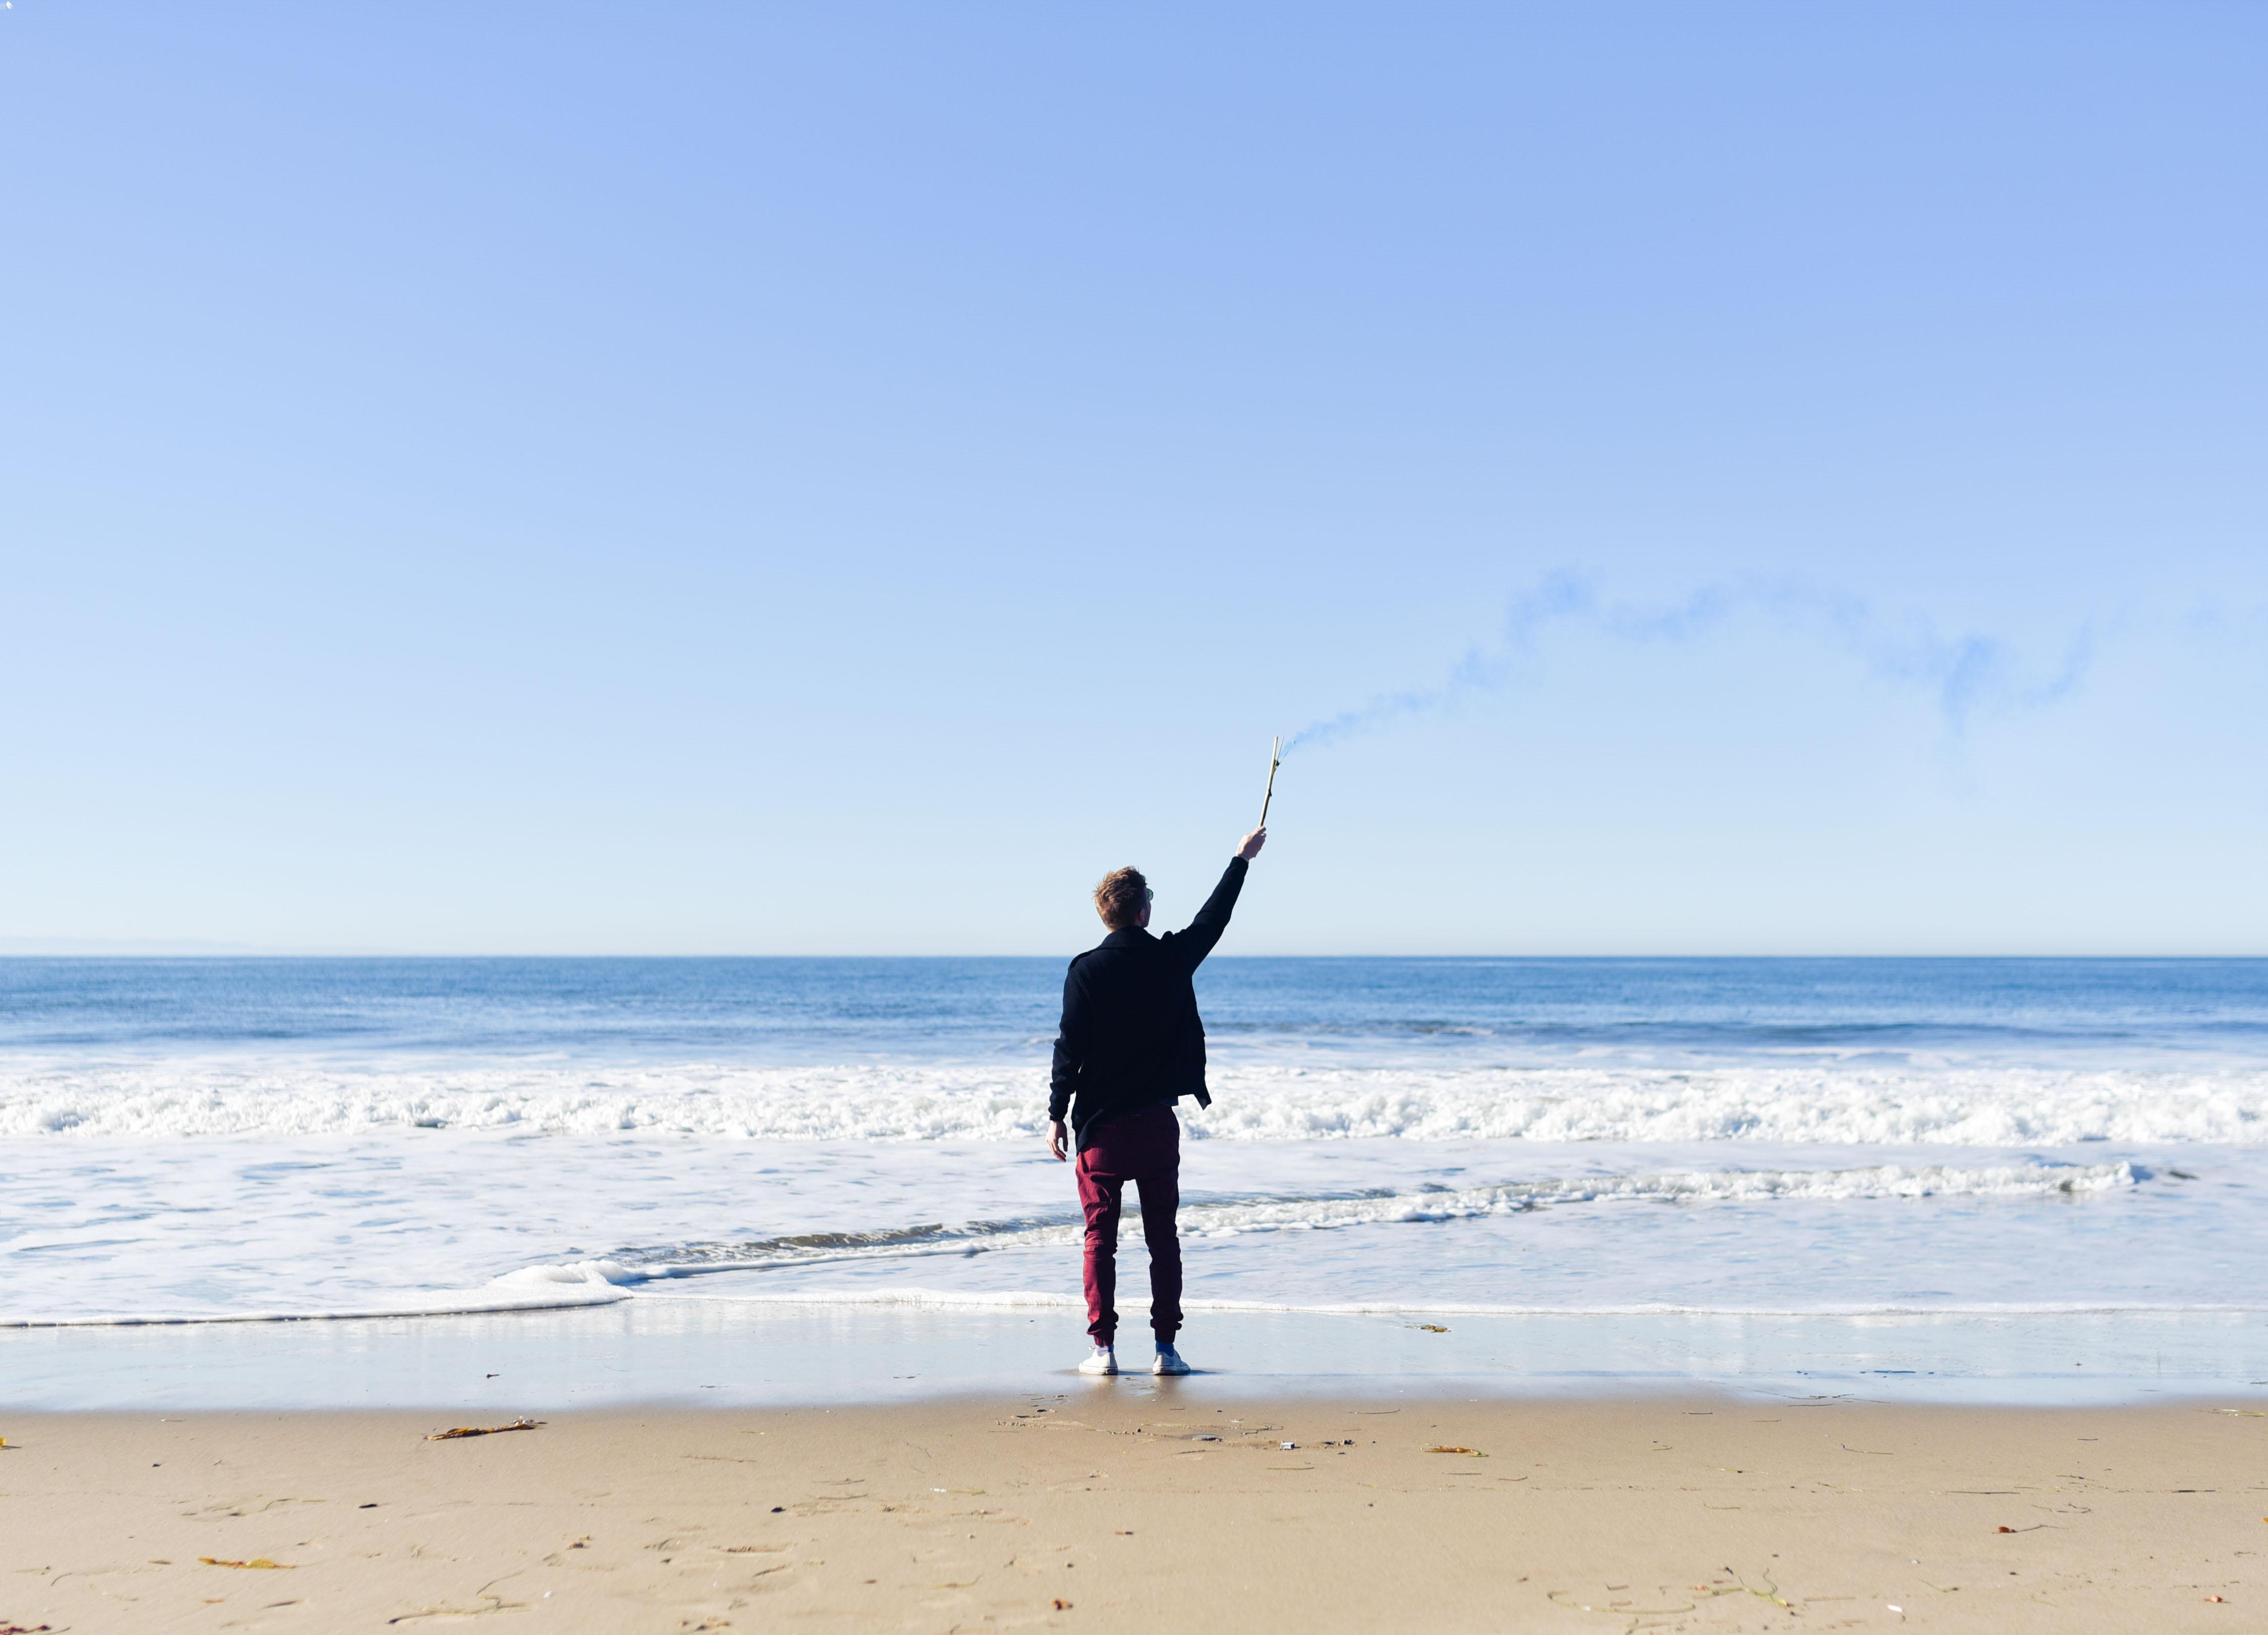 ноге картинки побережья и людей одна самых популярных